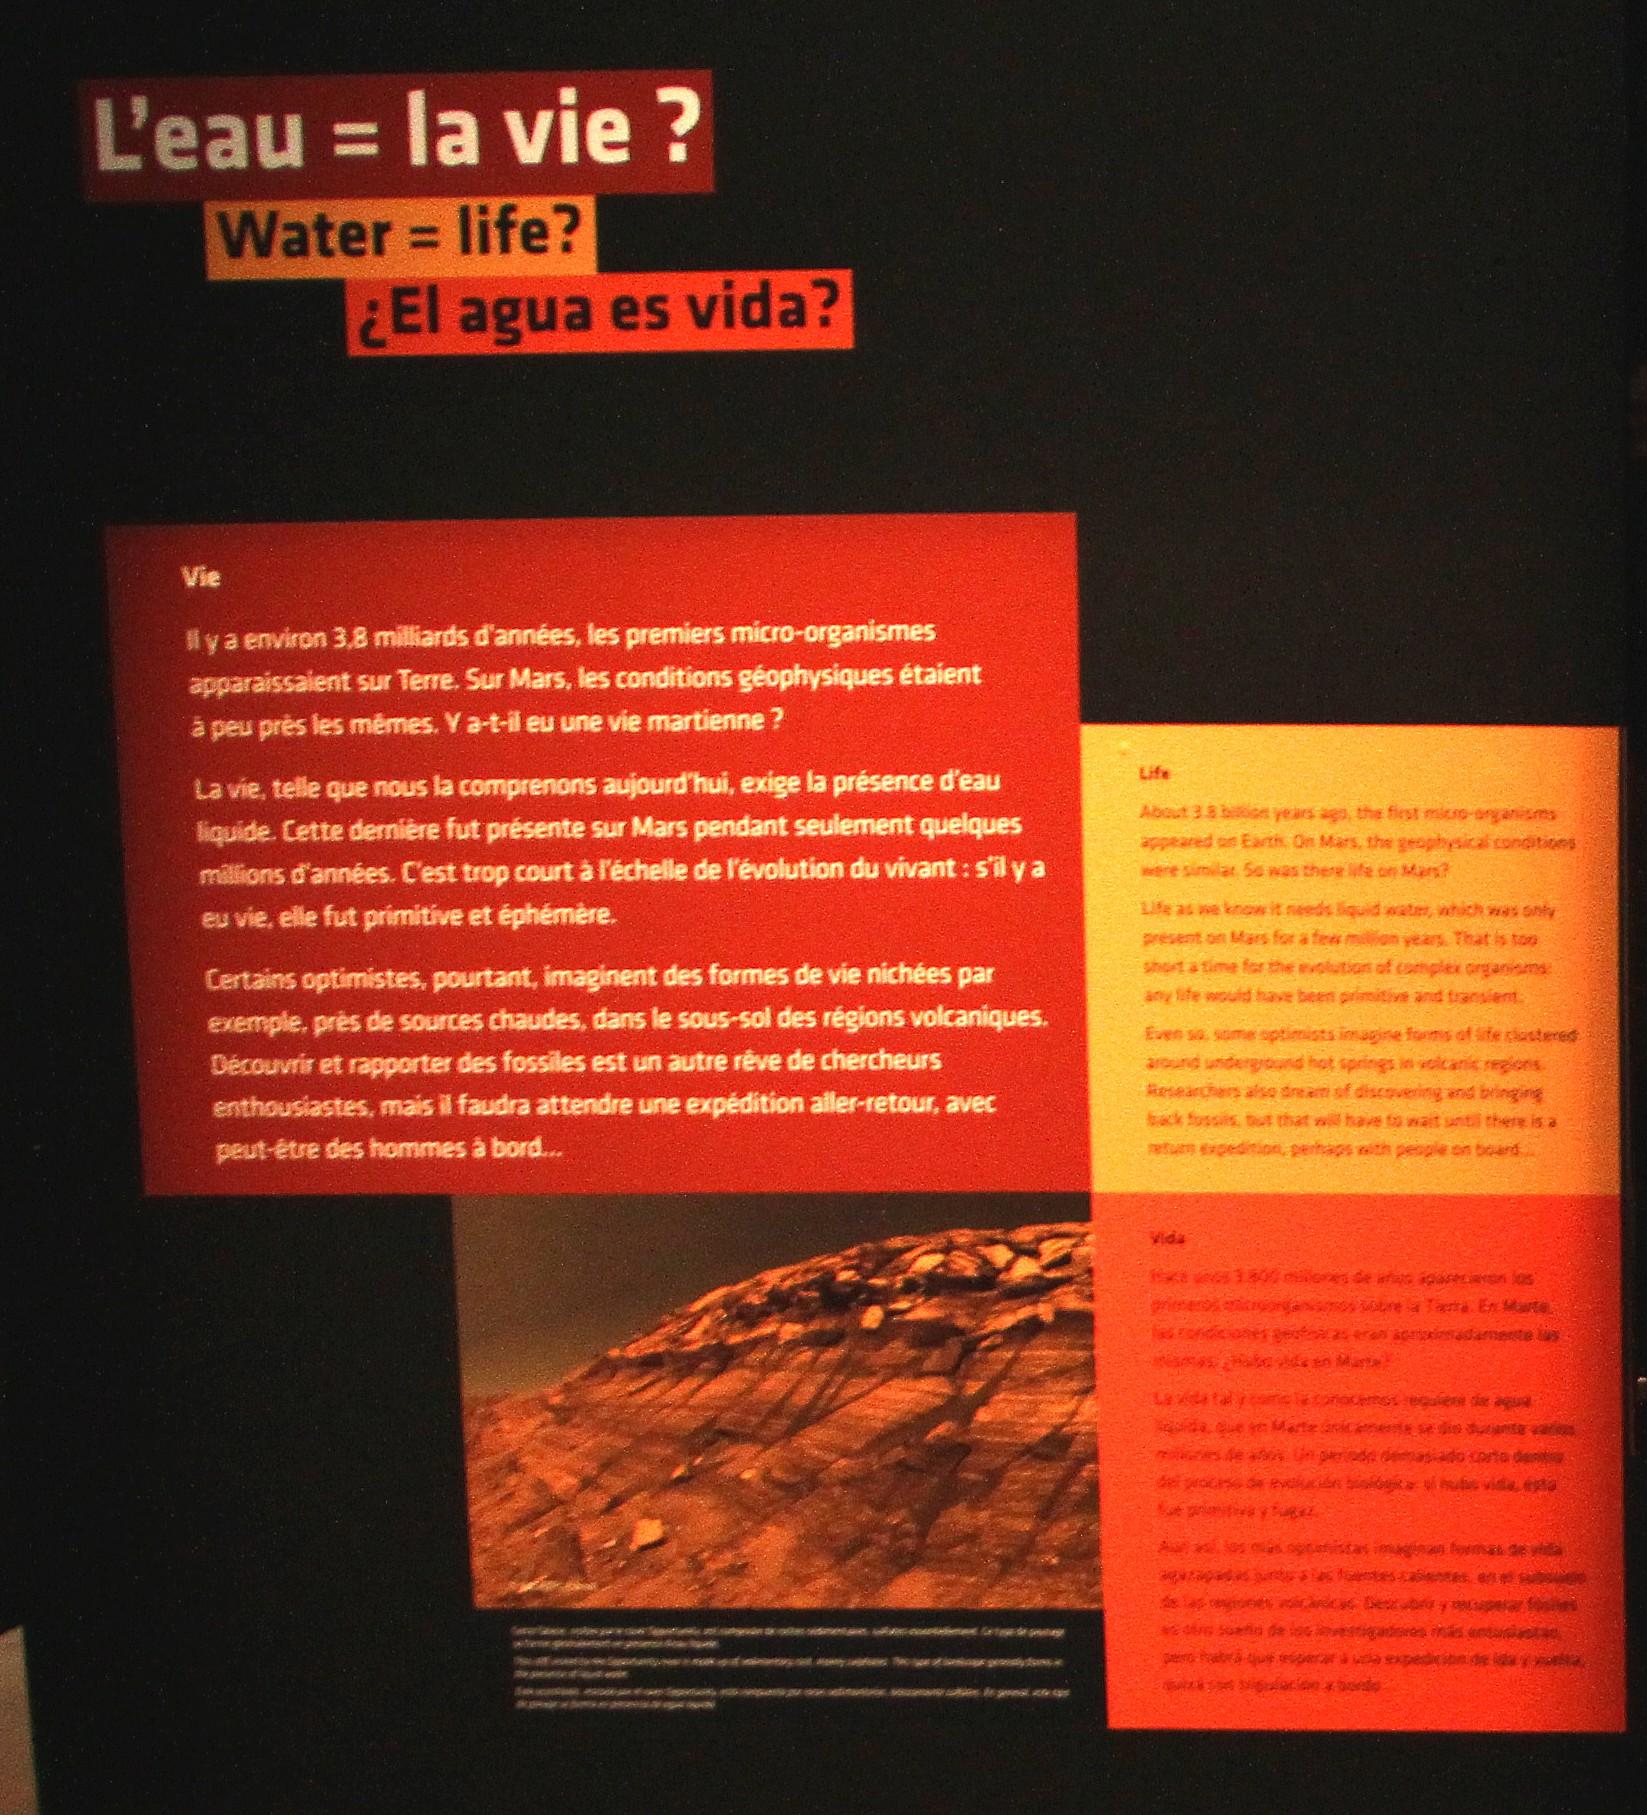 16 02 18 - 16h 30m 49s - Explorez Mars Palais de la Découverte rec